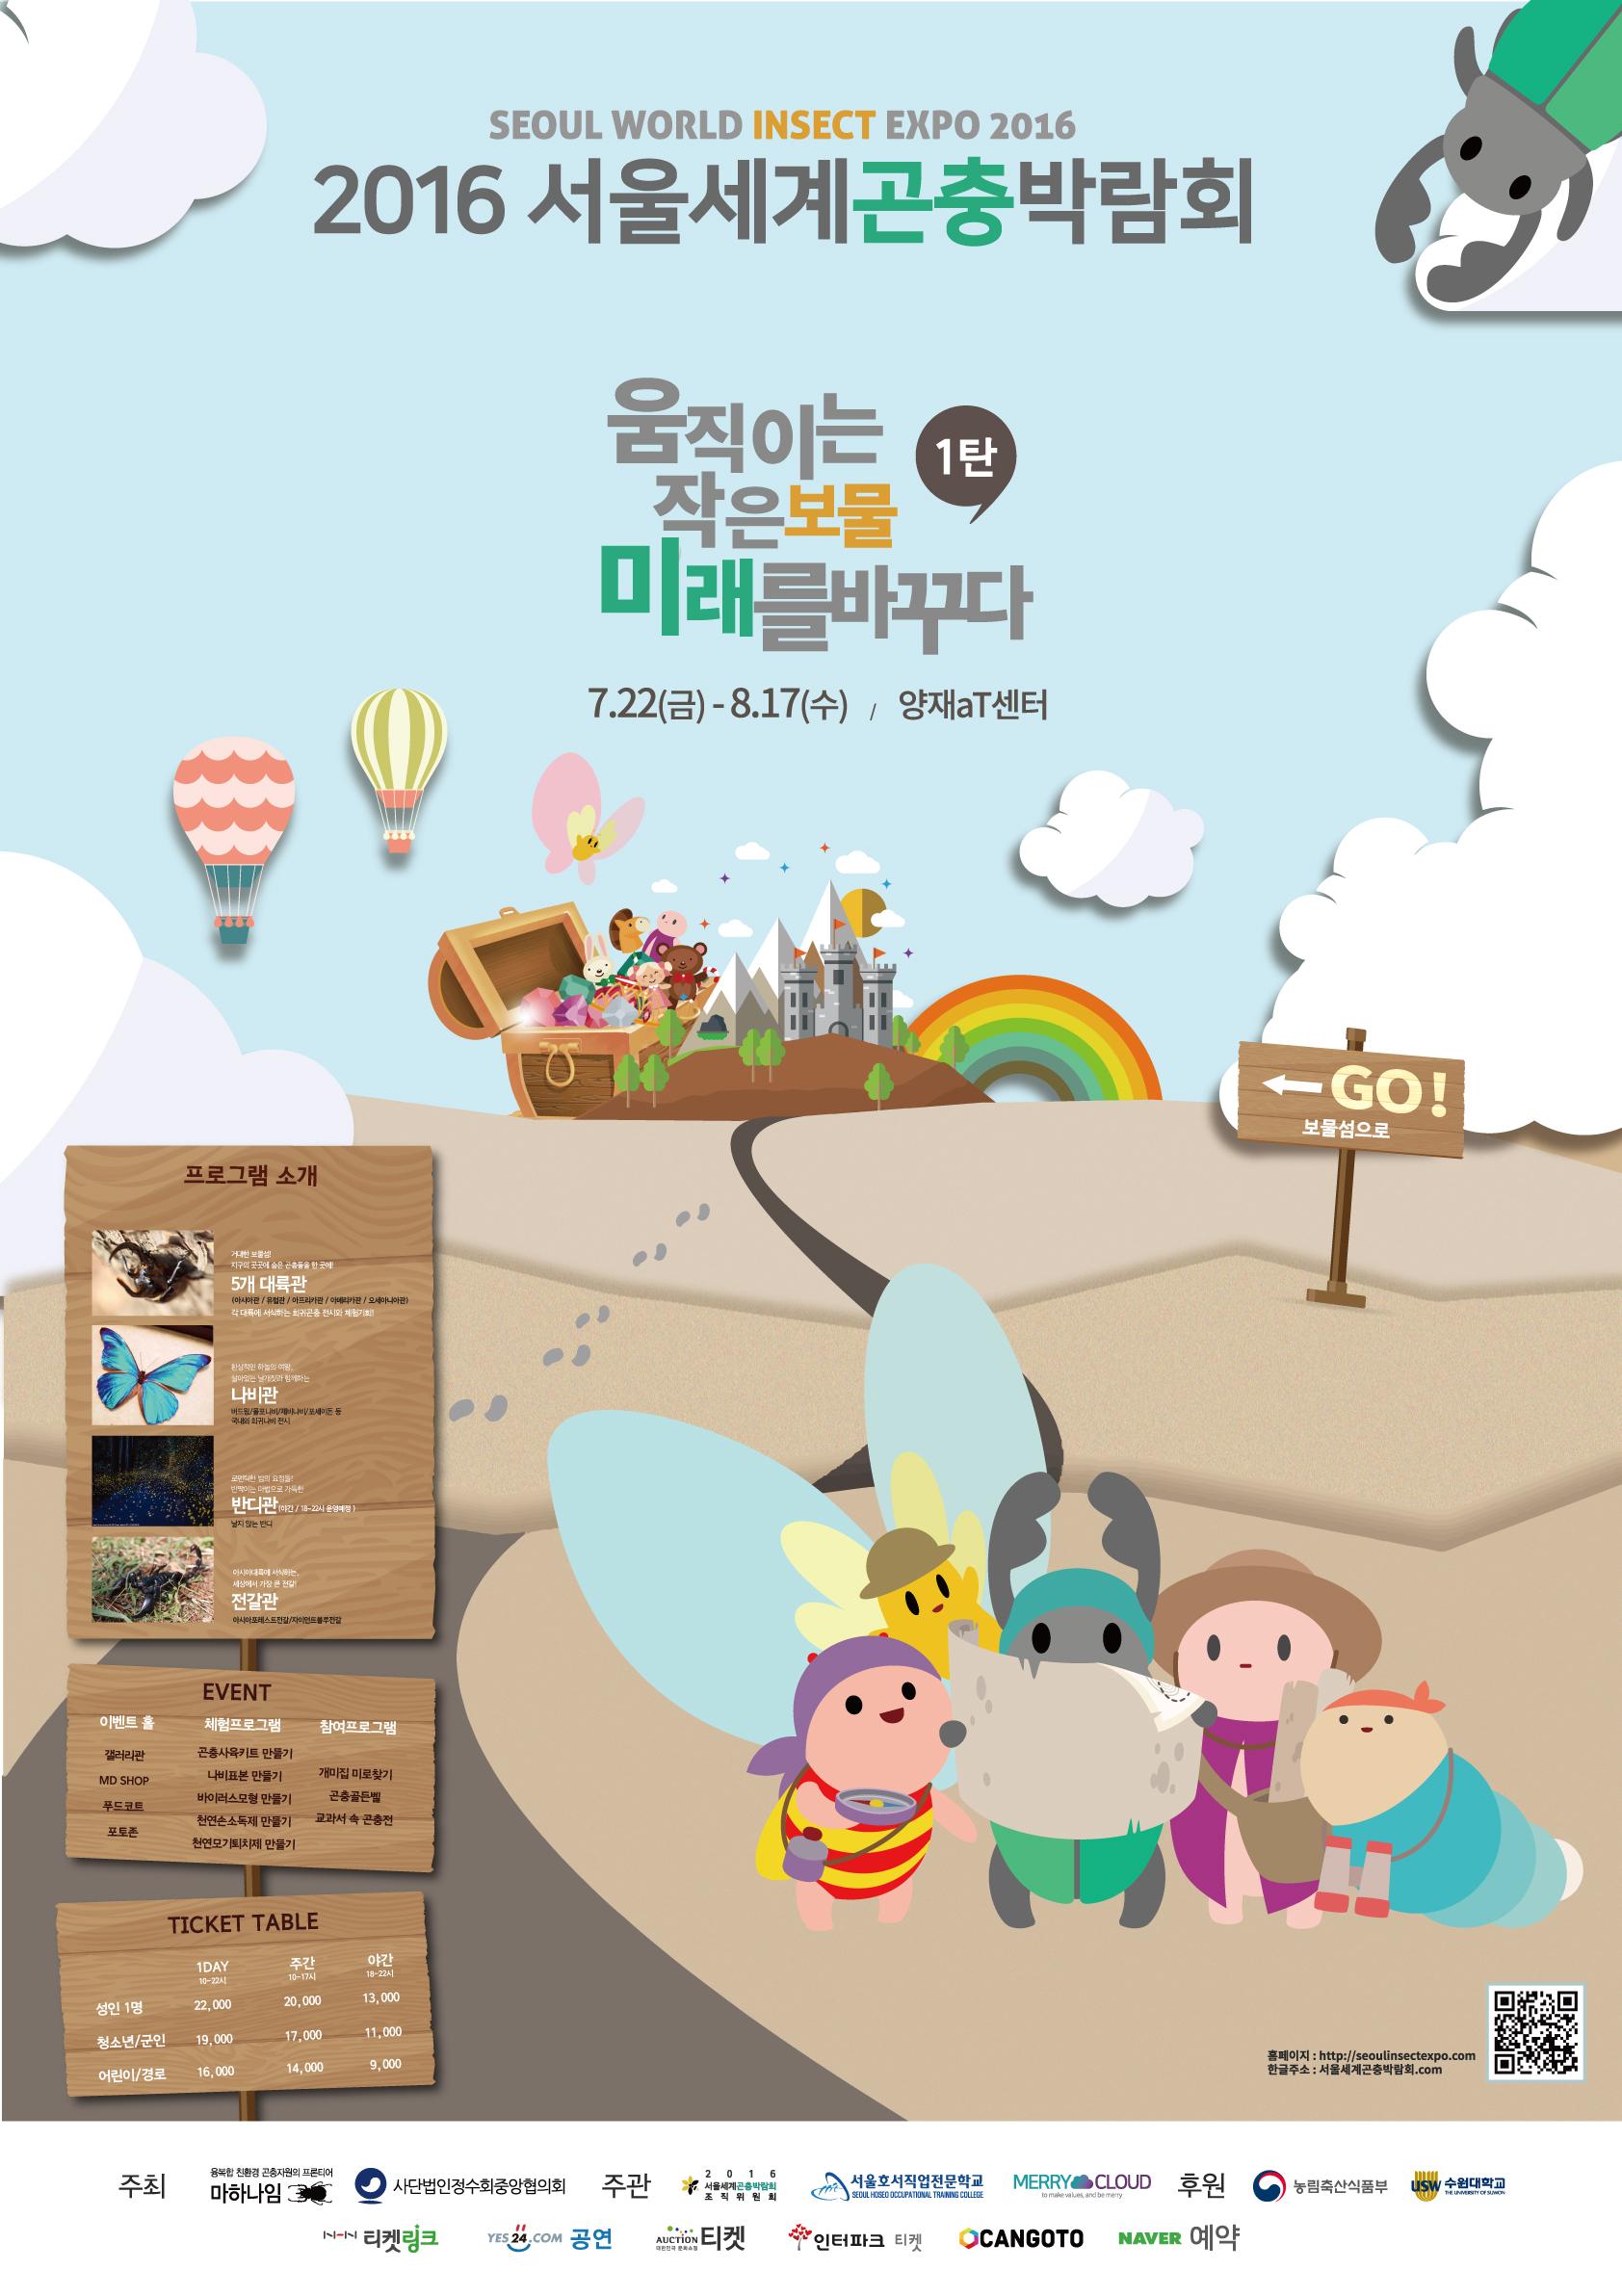 2016 서울 세계곤충박람회, 7월 22일 양재aT에서 개막